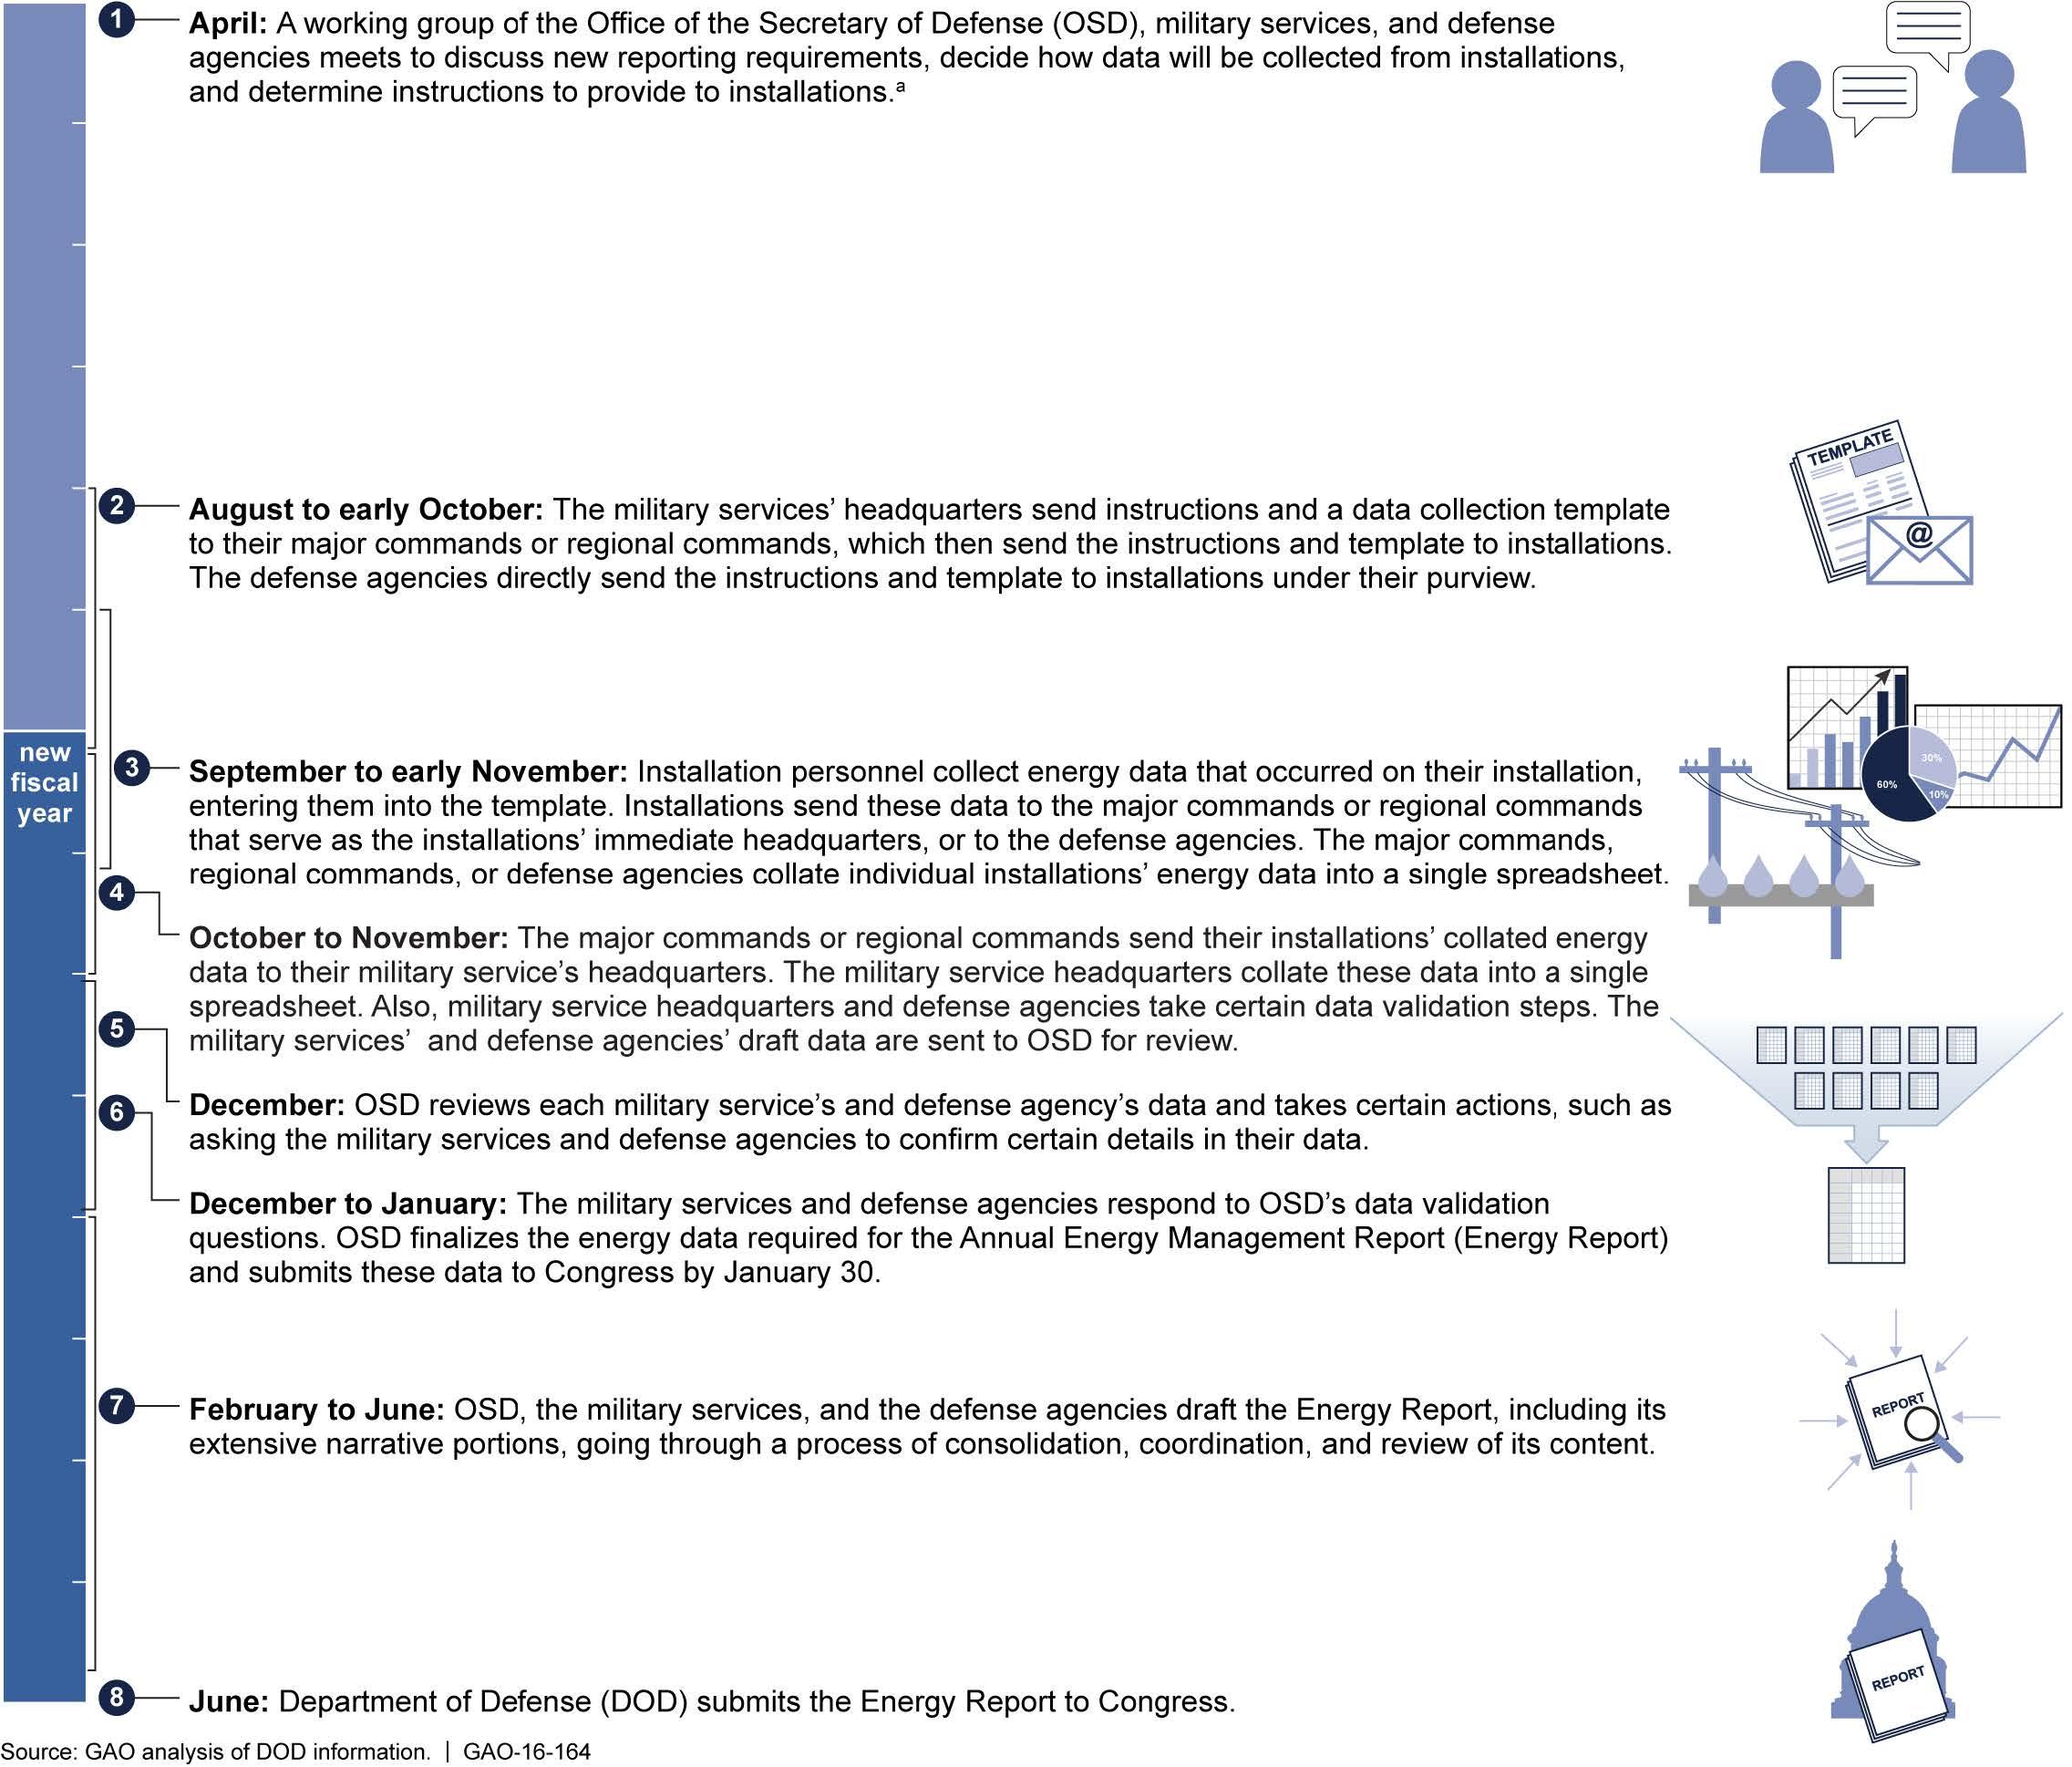 Die Rollen in der Gesellschaft free essay writing service